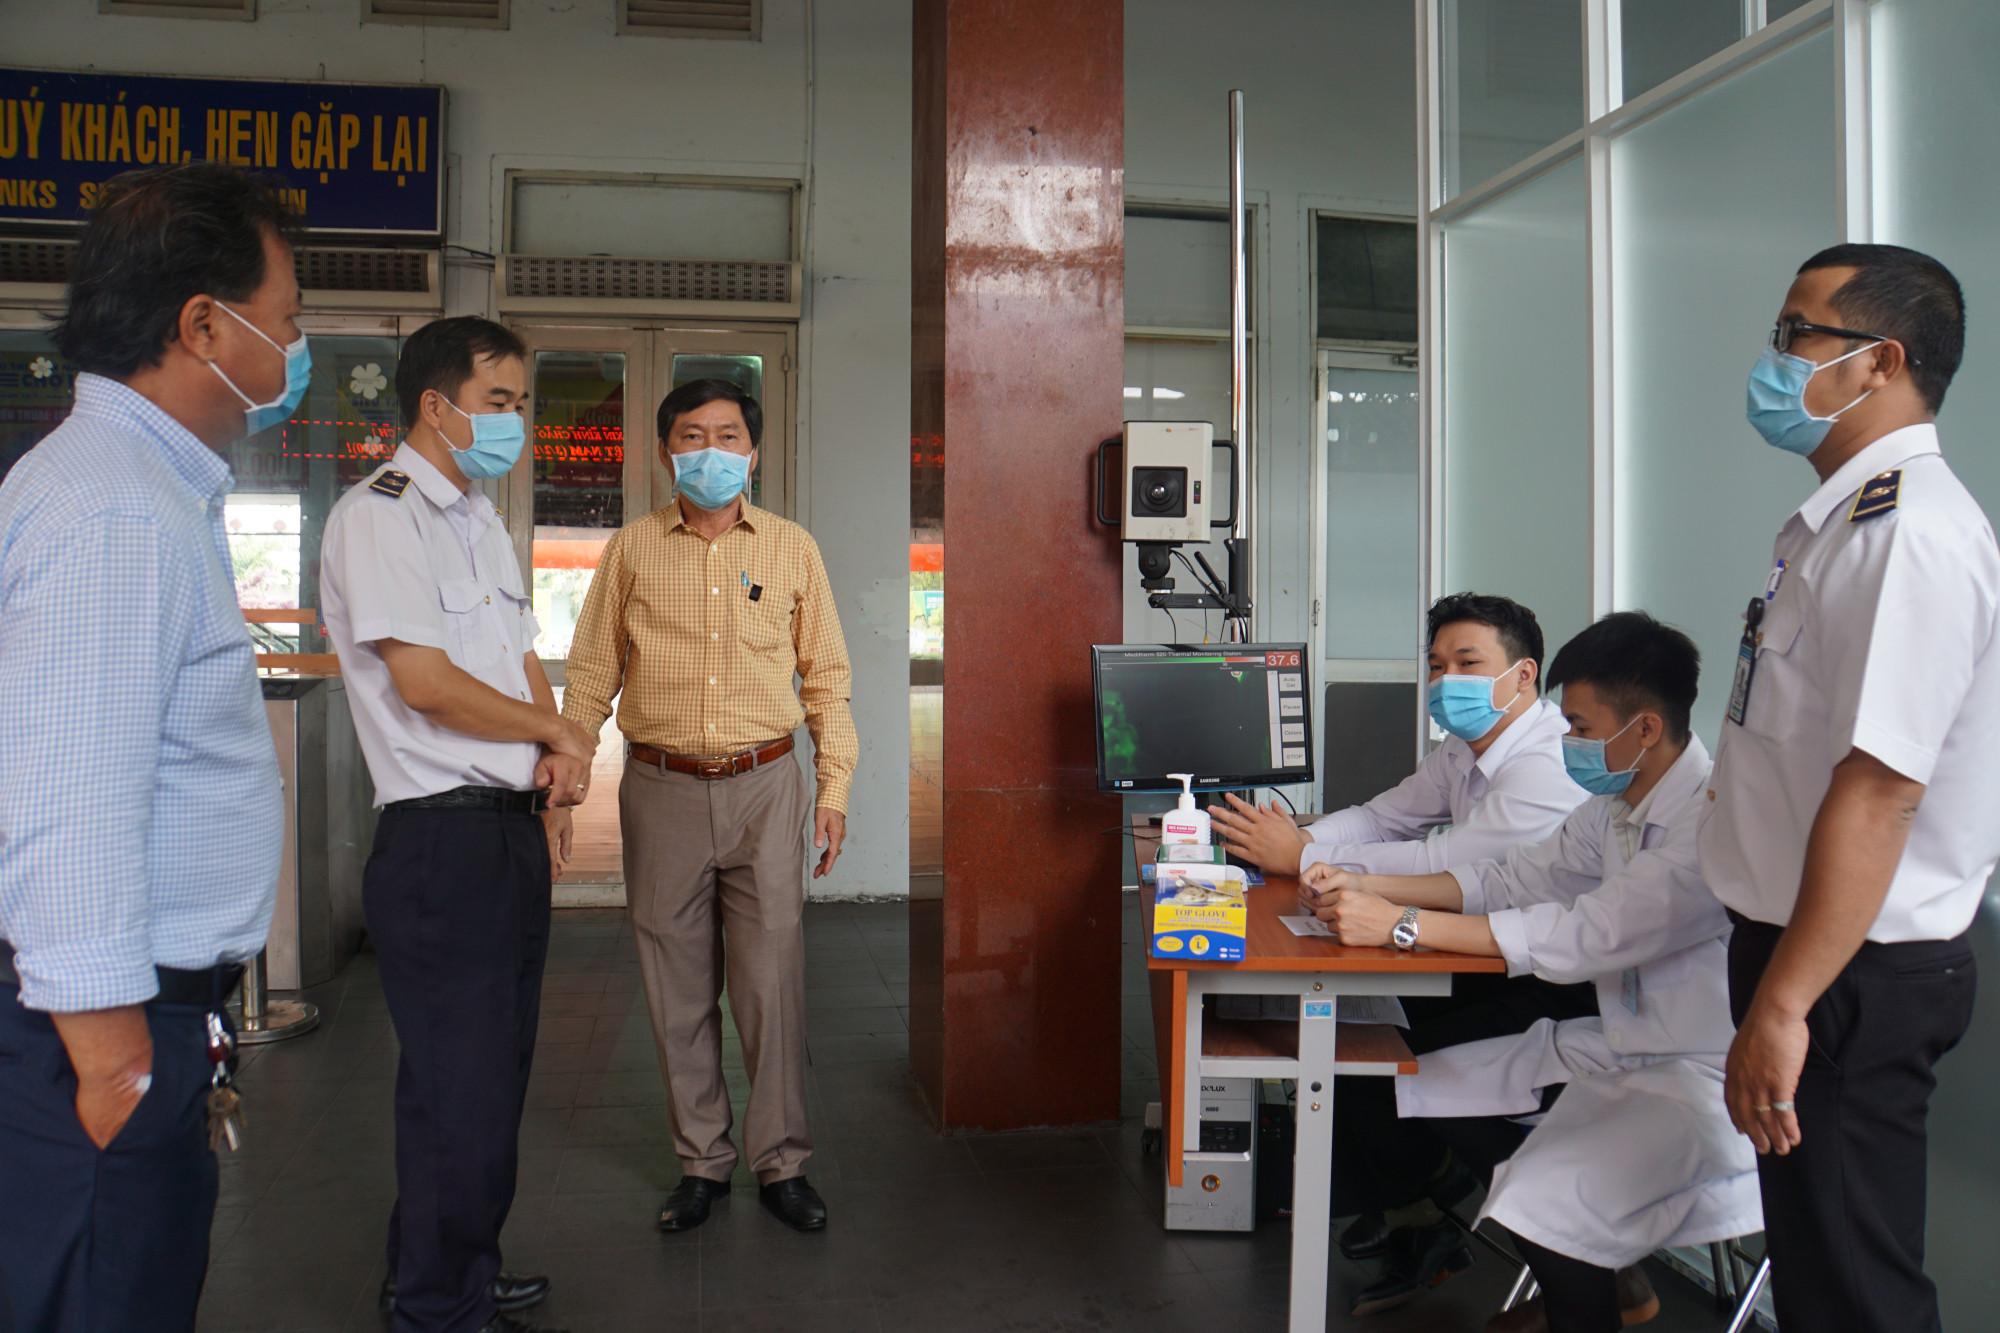 Chốt kiểm dịch virus corona tại ga Sài Gòn được lập sáng nay